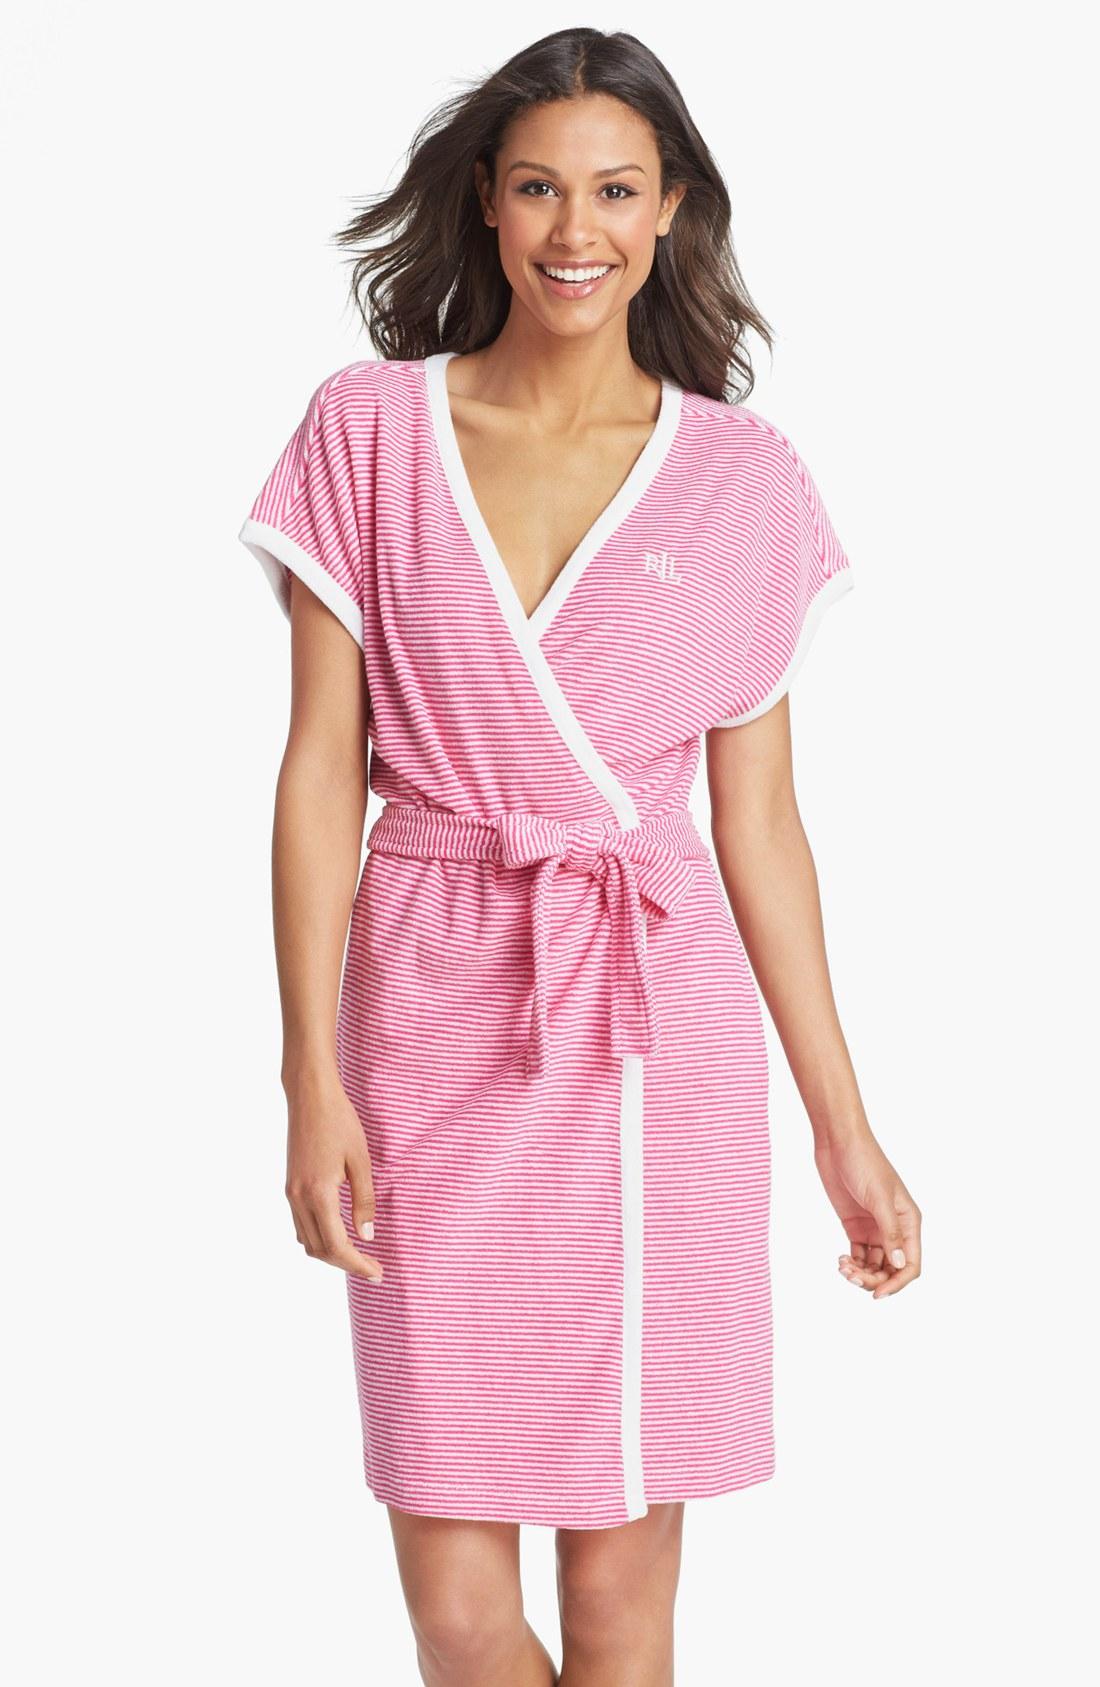 Lyst lauren by ralph lauren sleepwear baby terry robe in for Robe chemise ralph lauren